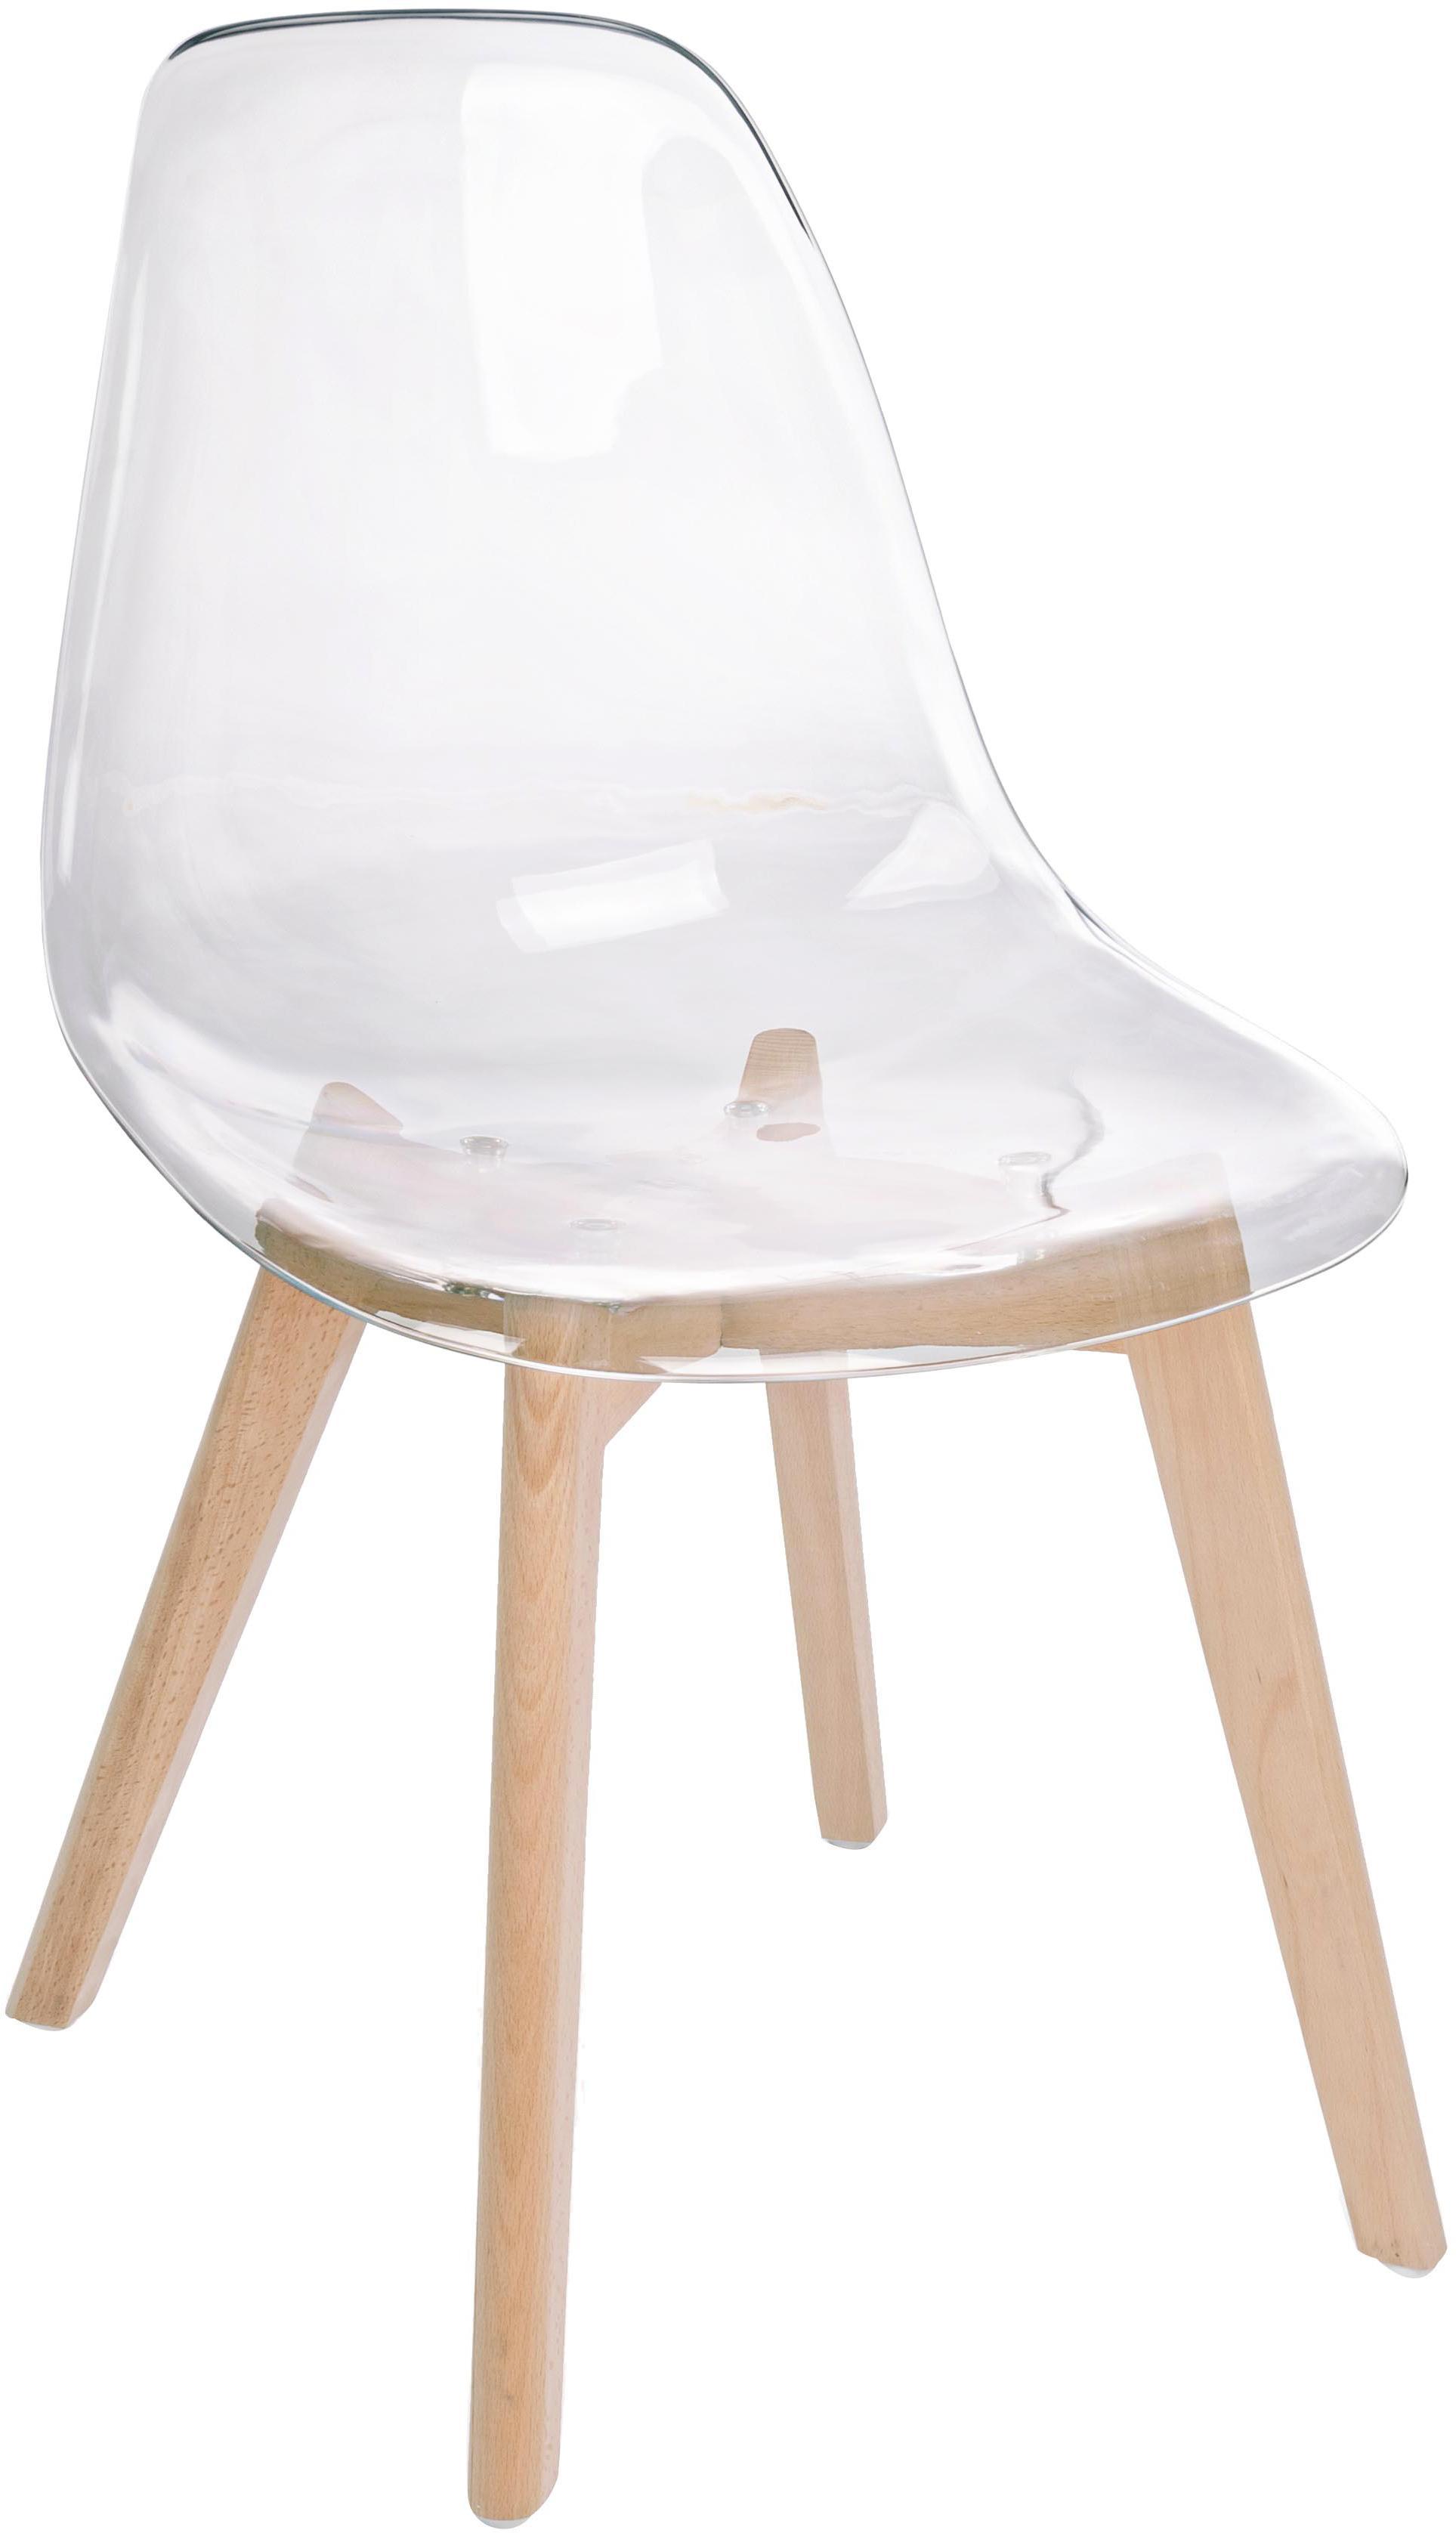 Krzesło Easy, 2 szt., Nogi: drewno bukowe, Transparentny, drewno bukowe, S 51 x G 47 cm